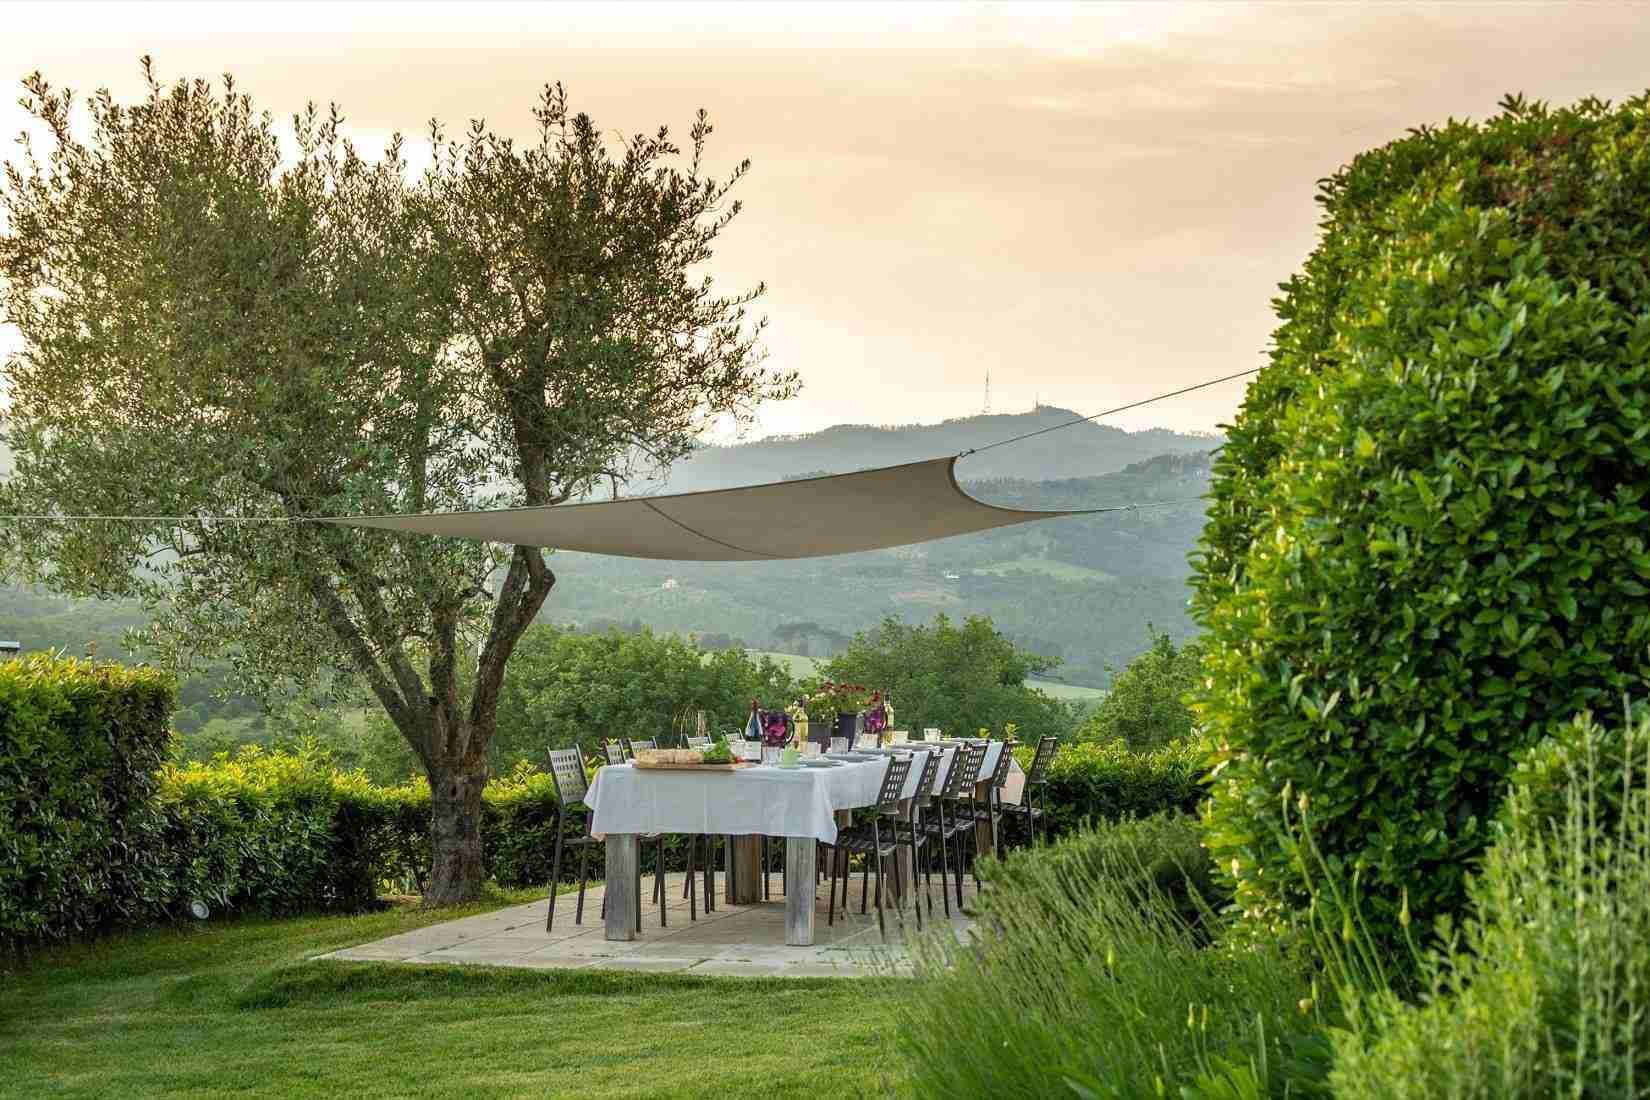 12 Fiorenza Aperitivo in the countryside